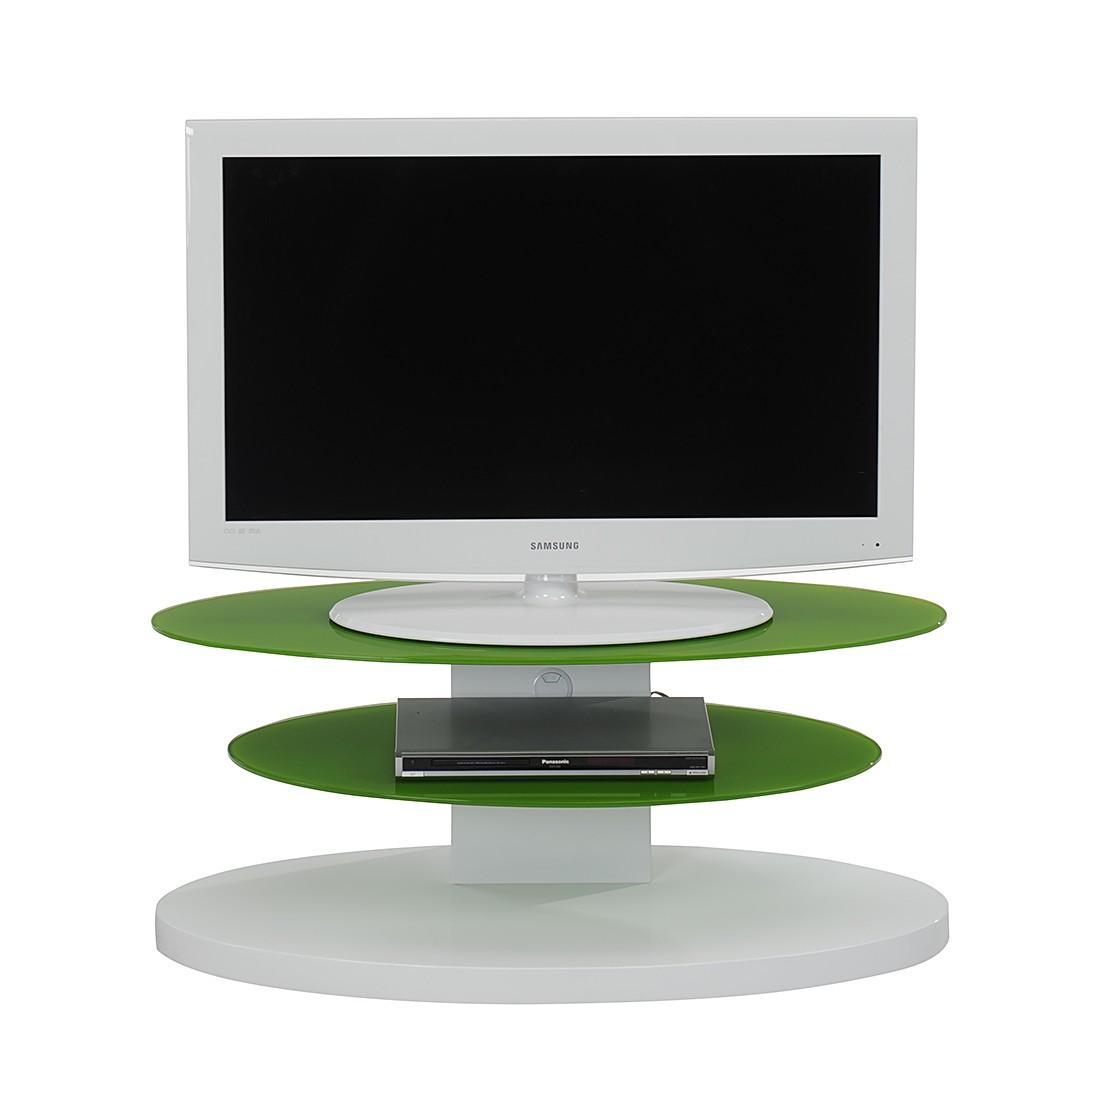 jahnke archive seite 2 von 3. Black Bedroom Furniture Sets. Home Design Ideas